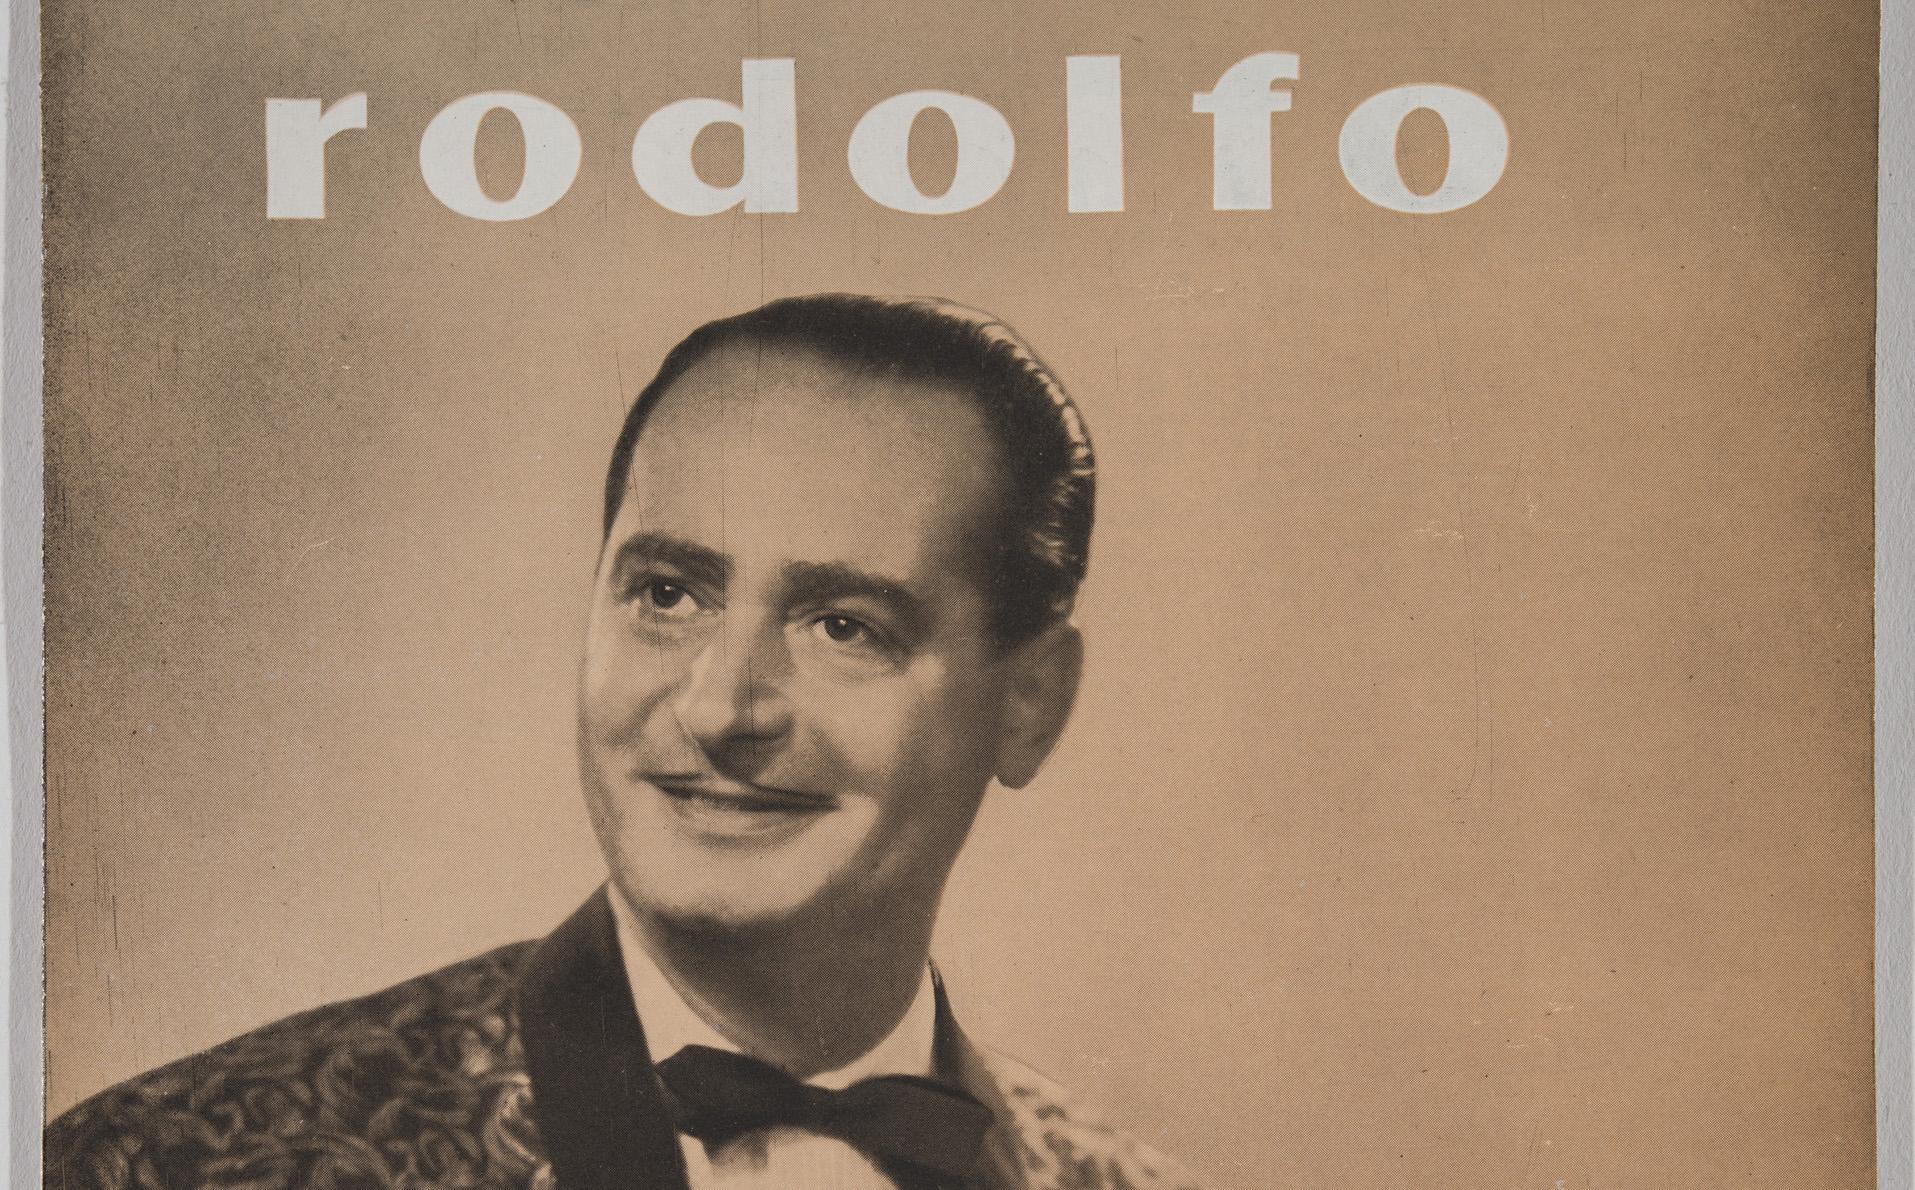 """""""Vigyázat, csalok!"""" – 110 éve született Rodolfo, a világhírű magyar bűvész"""